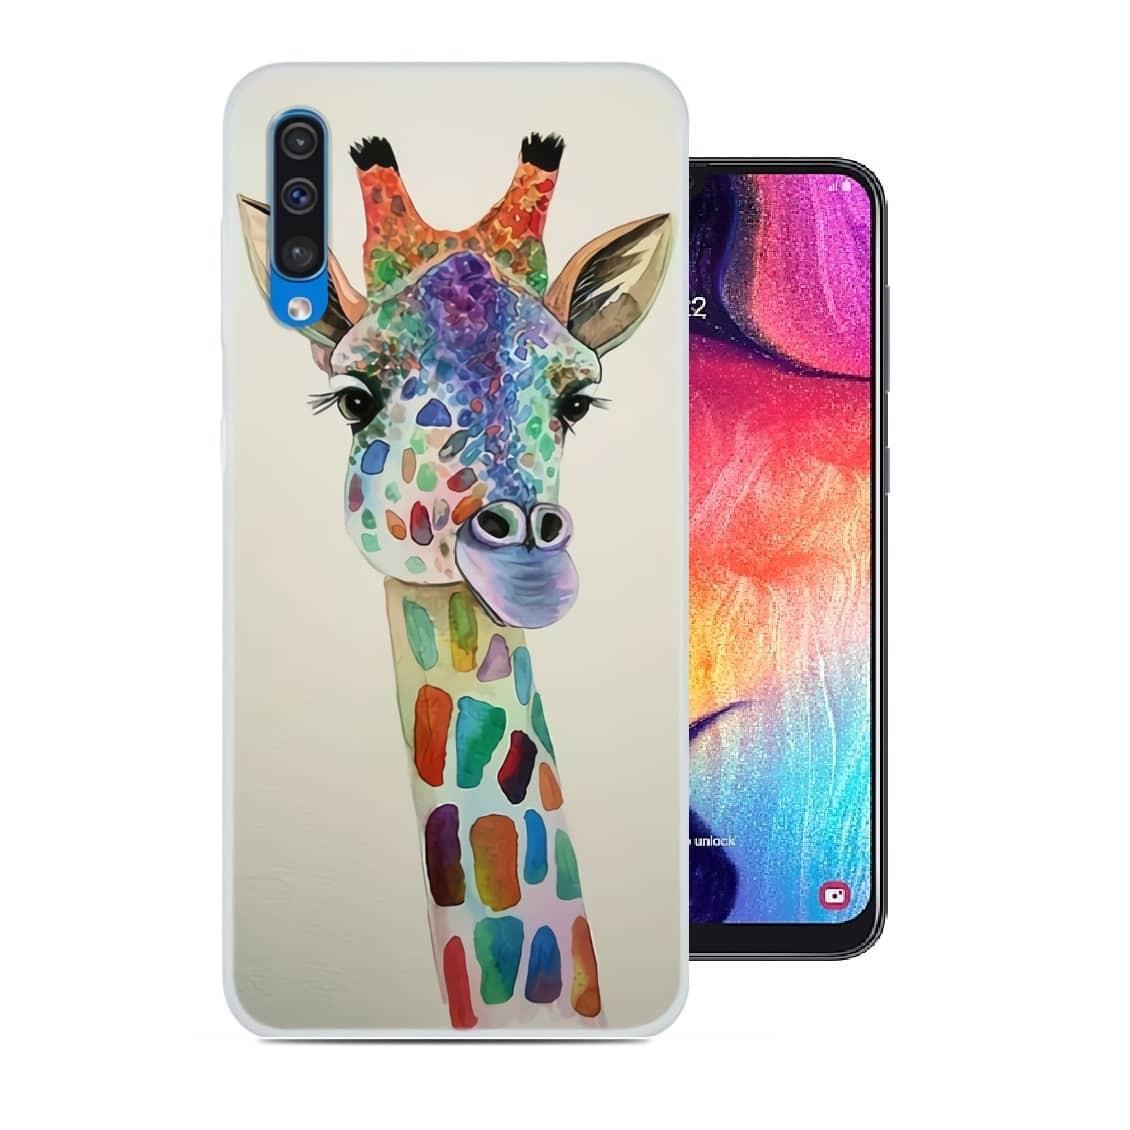 coque samsung a50 girafe